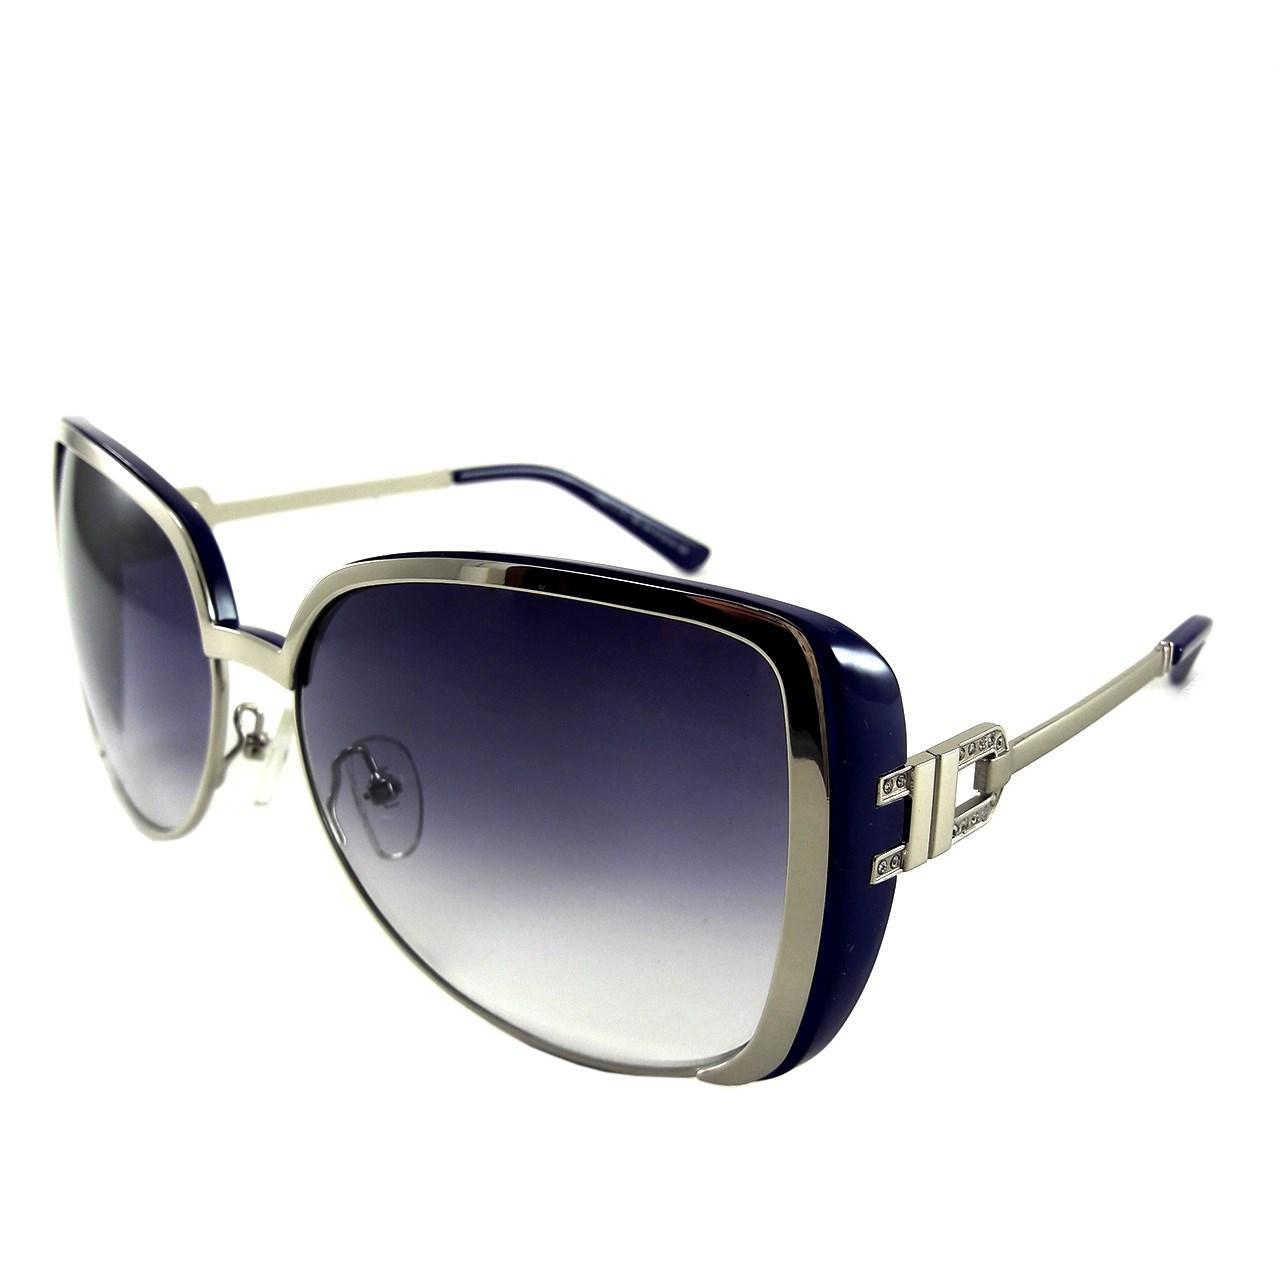 قیمت عینک آفتابی زنانه مدل long58212